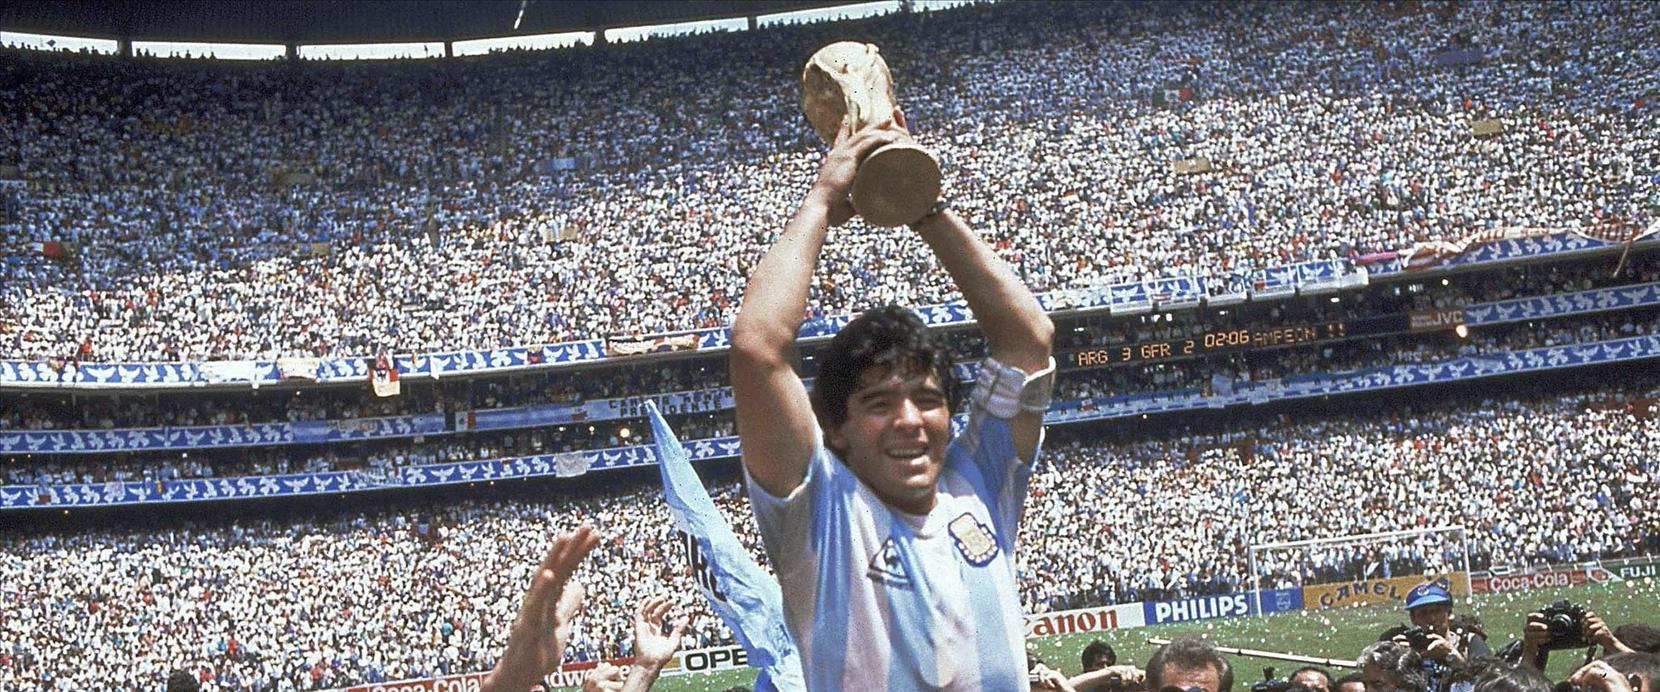 מארדונה מניף את גביע העולם ב-86